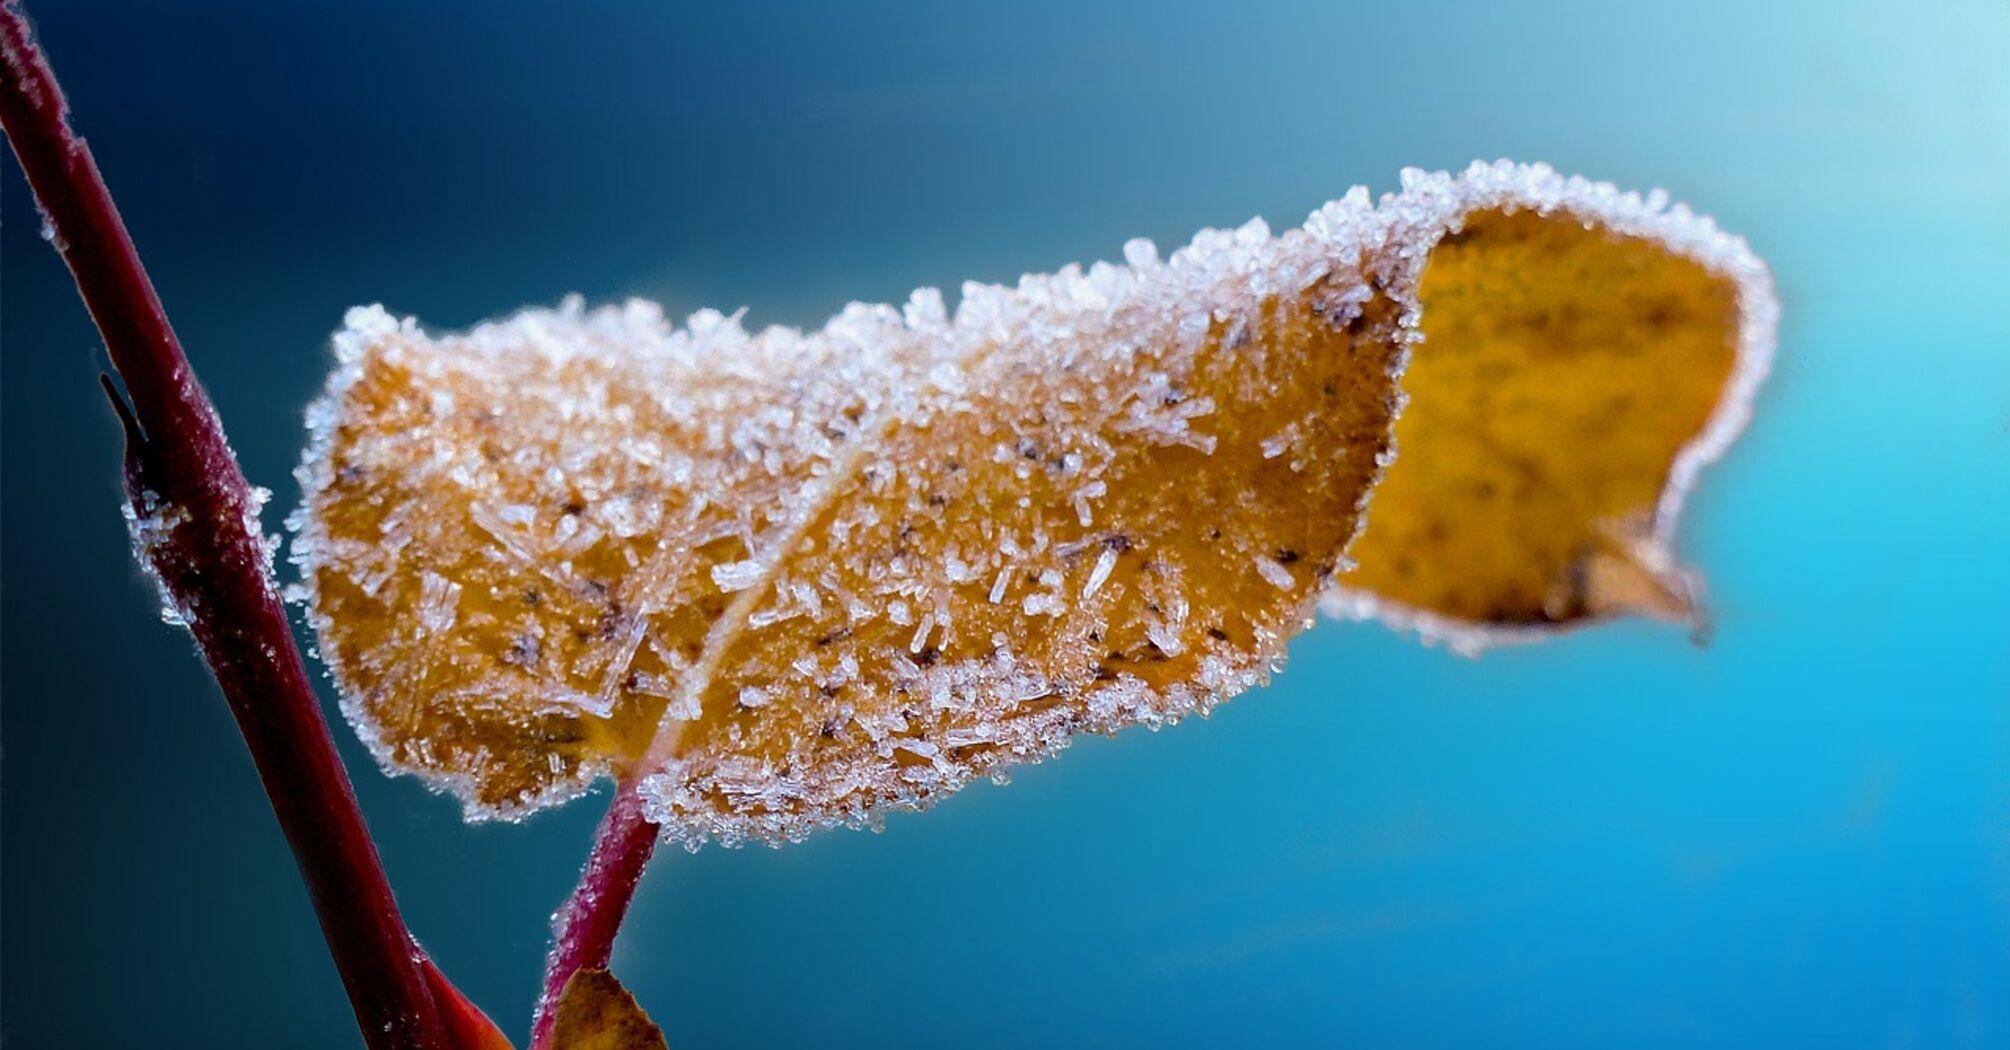 В Украине похолодает до -9: синоптик уточнила прогноз погоды на пятницу